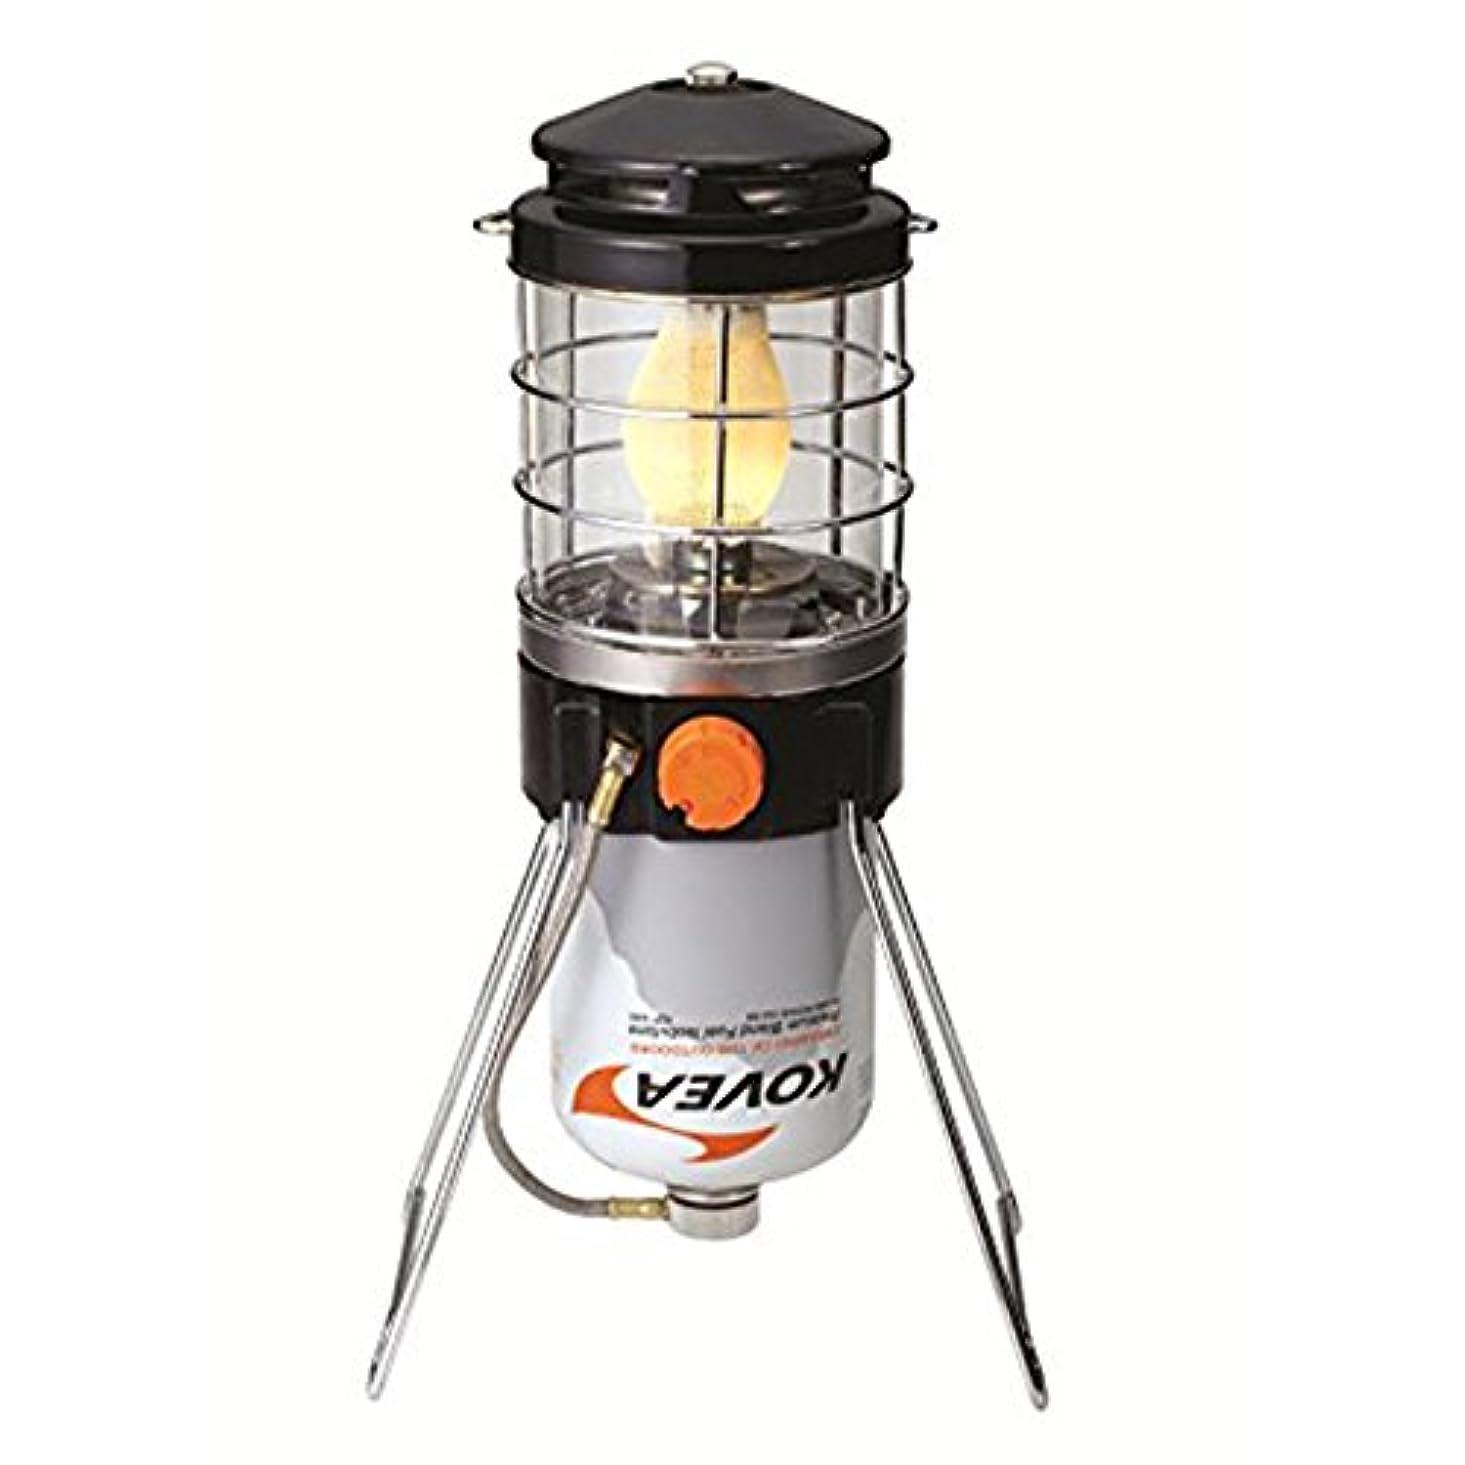 返還収入検体KOVEA (コベア) キャンピング?ランタン / Liquid Gas Lantern ガスランタン / アウトドア リキッドガスランタン Liquid / KL-2901 / 250 [並行輸入品]